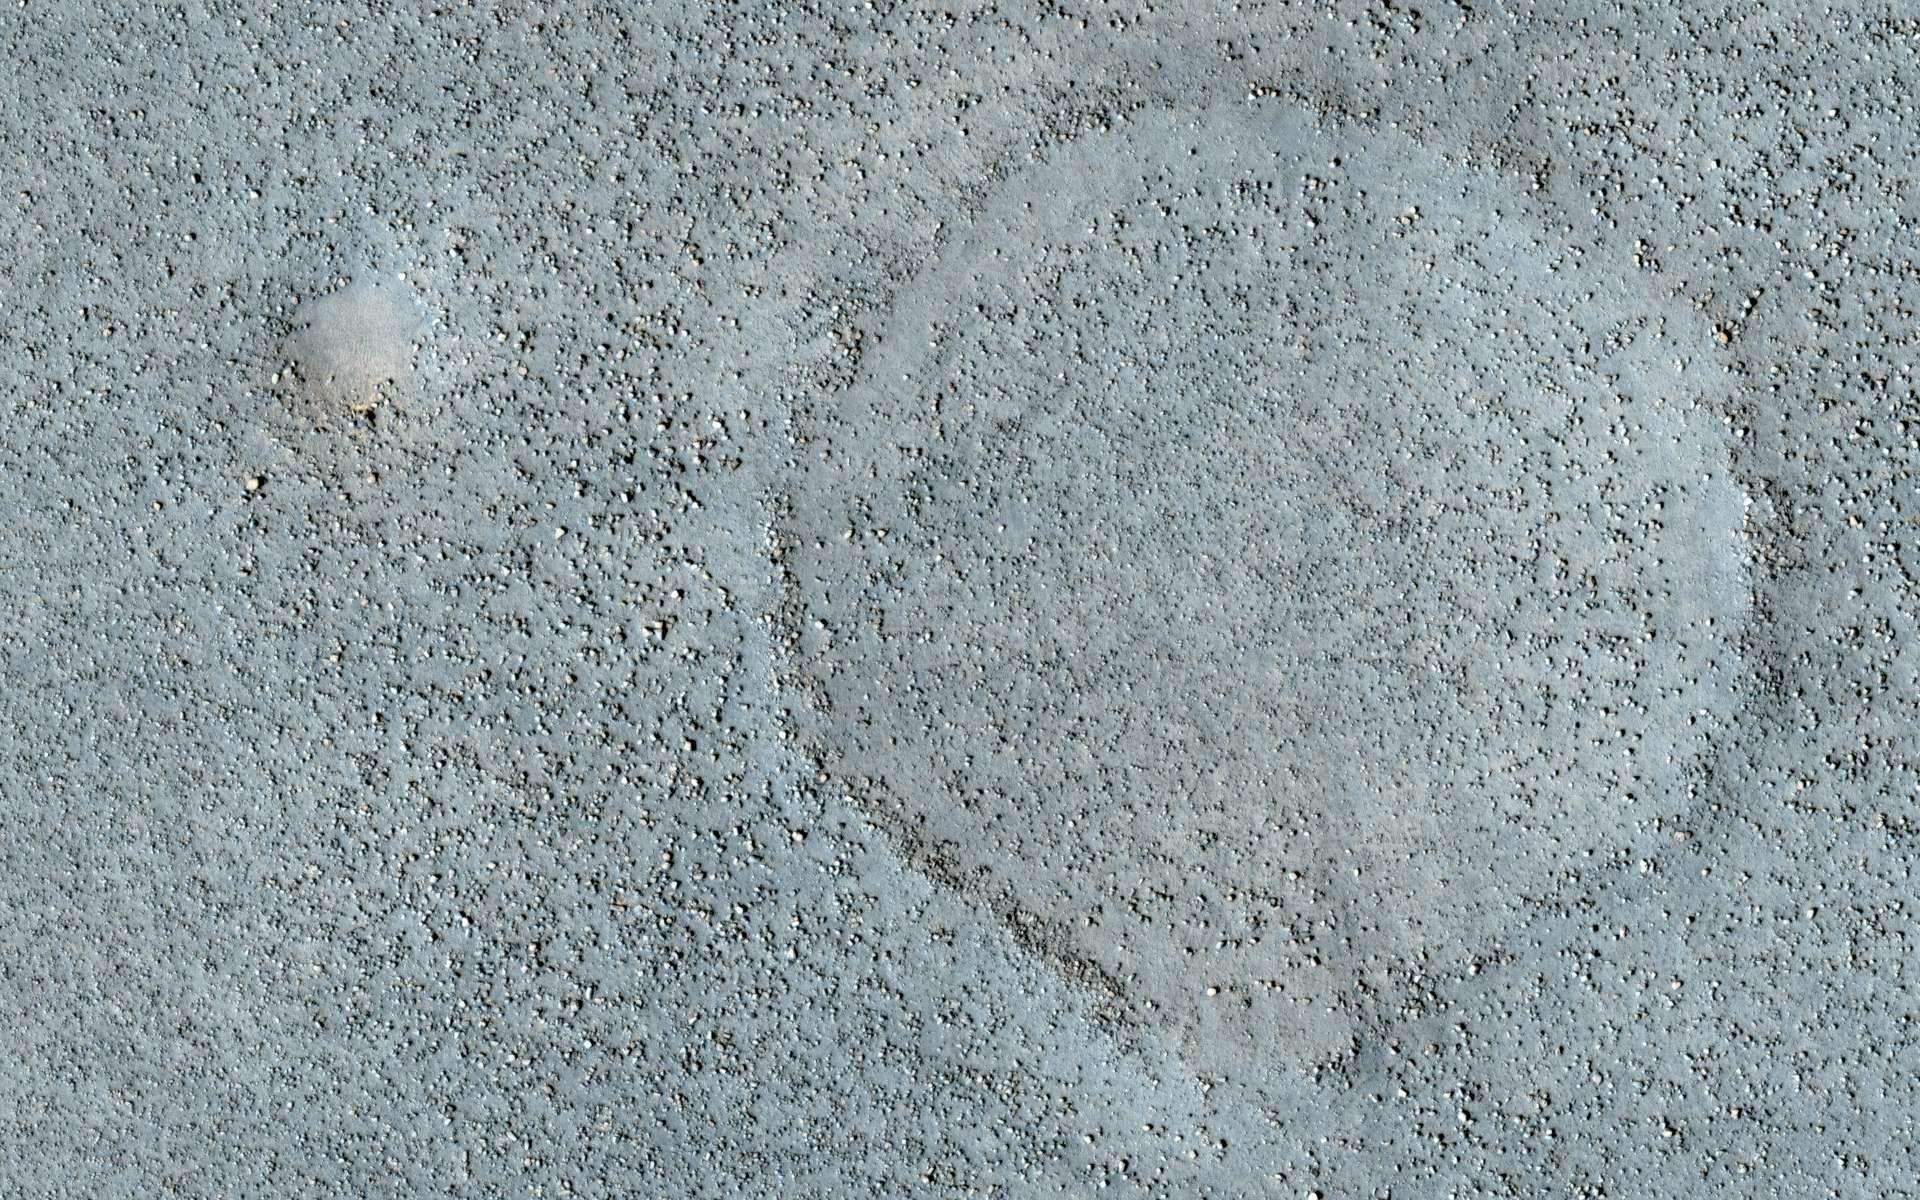 Ce champ de pierres témoigne d'une activité géologique passée que les géologues aimeraient décrypter. Mais l'envoi d'un robot d'exploration sur ces terrains est beaucoup trop risqué. Crédit Nasa / JPL-Caltech / University of Arizona